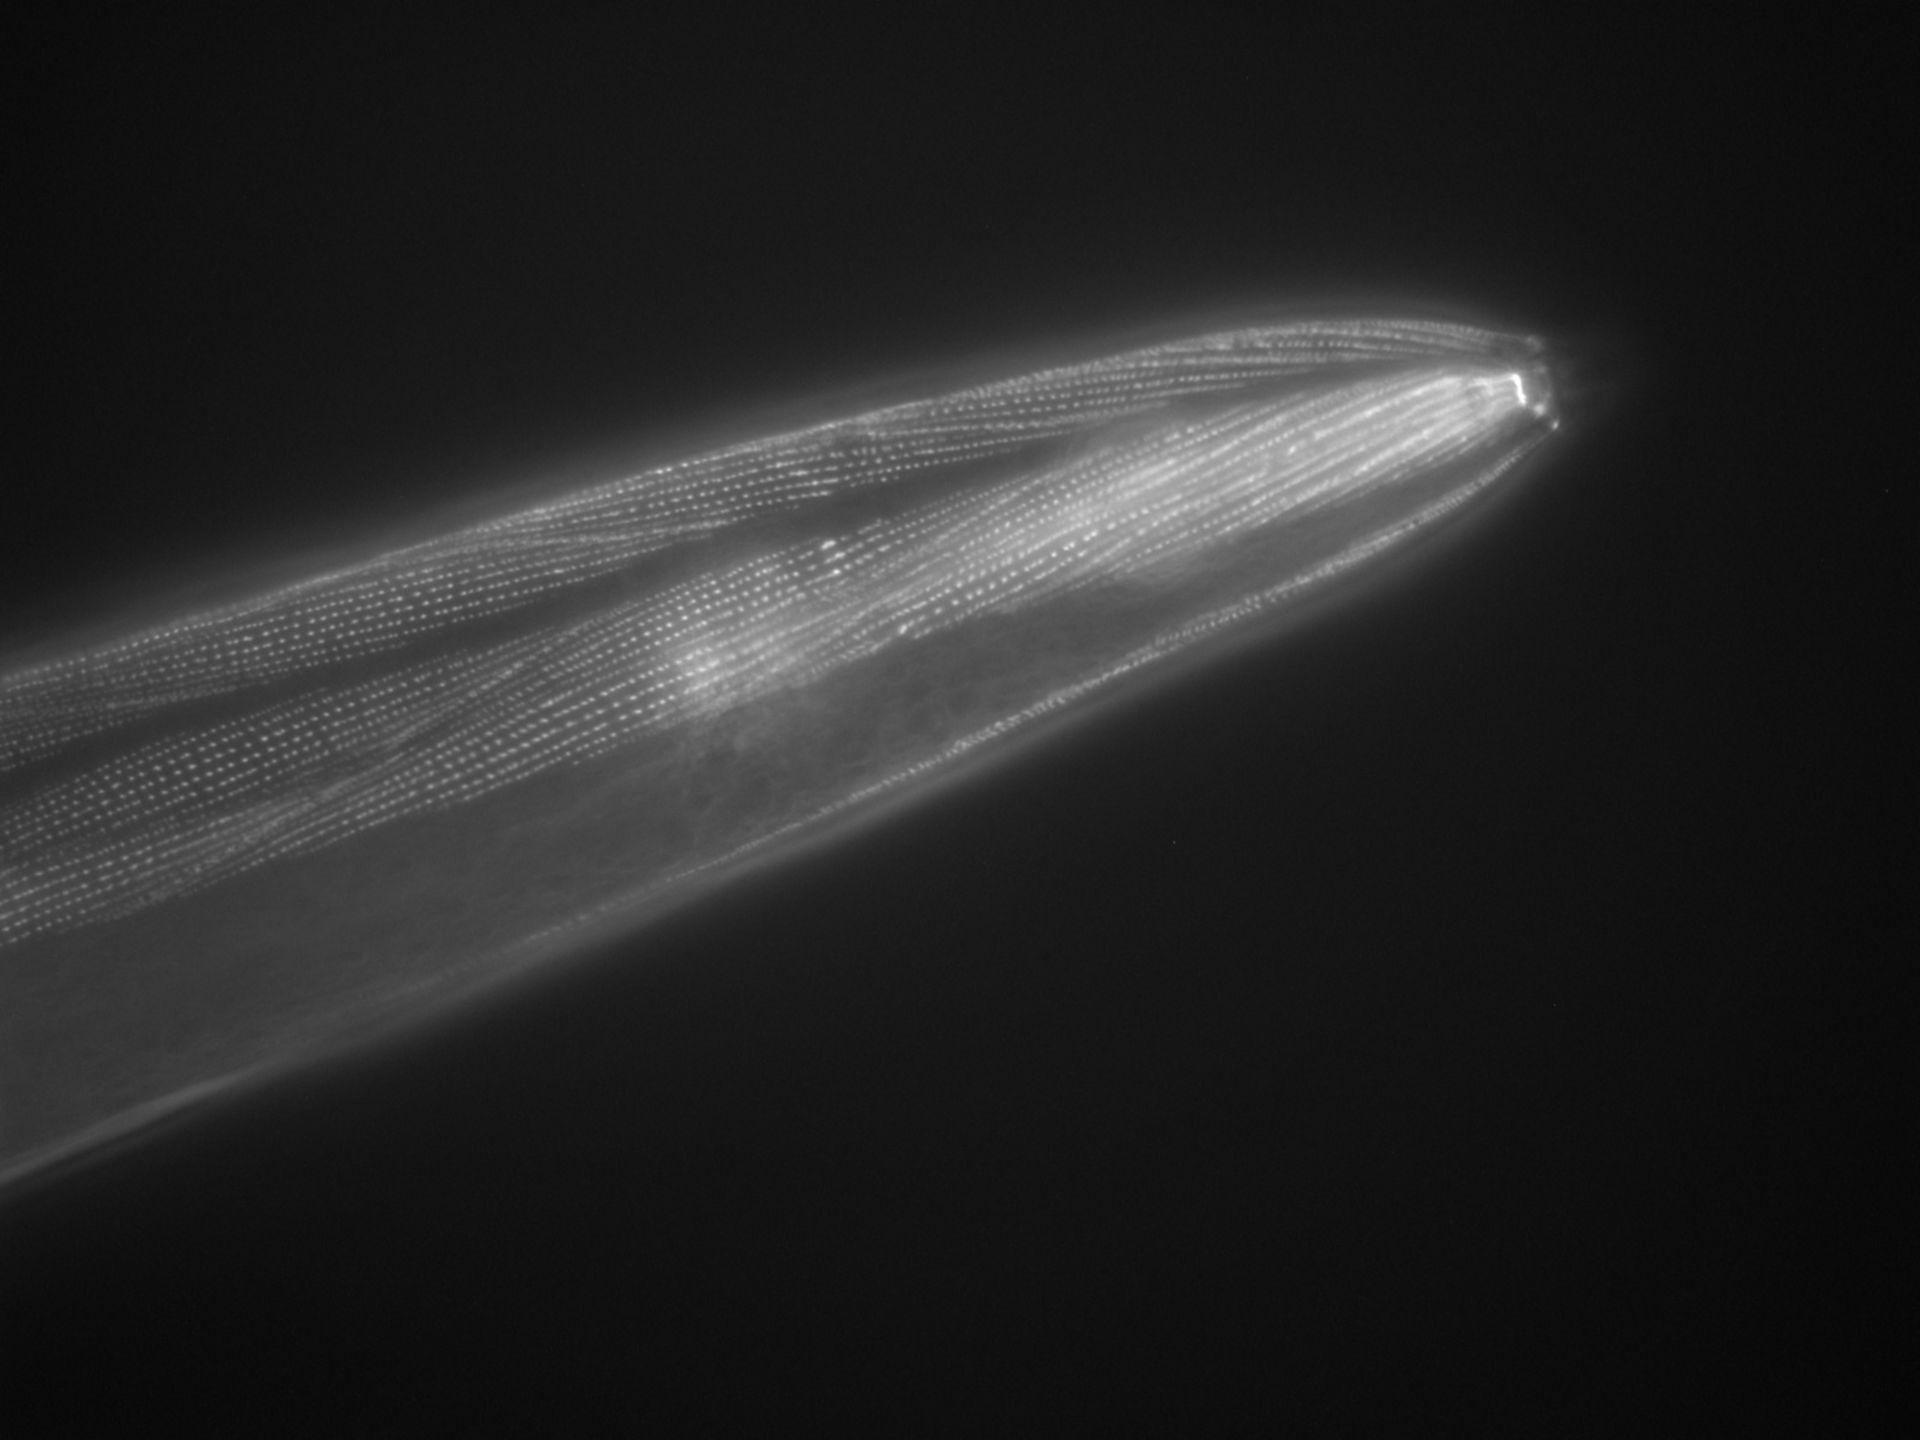 Caenorhabditis elegans (Actin filament) - CIL:1054